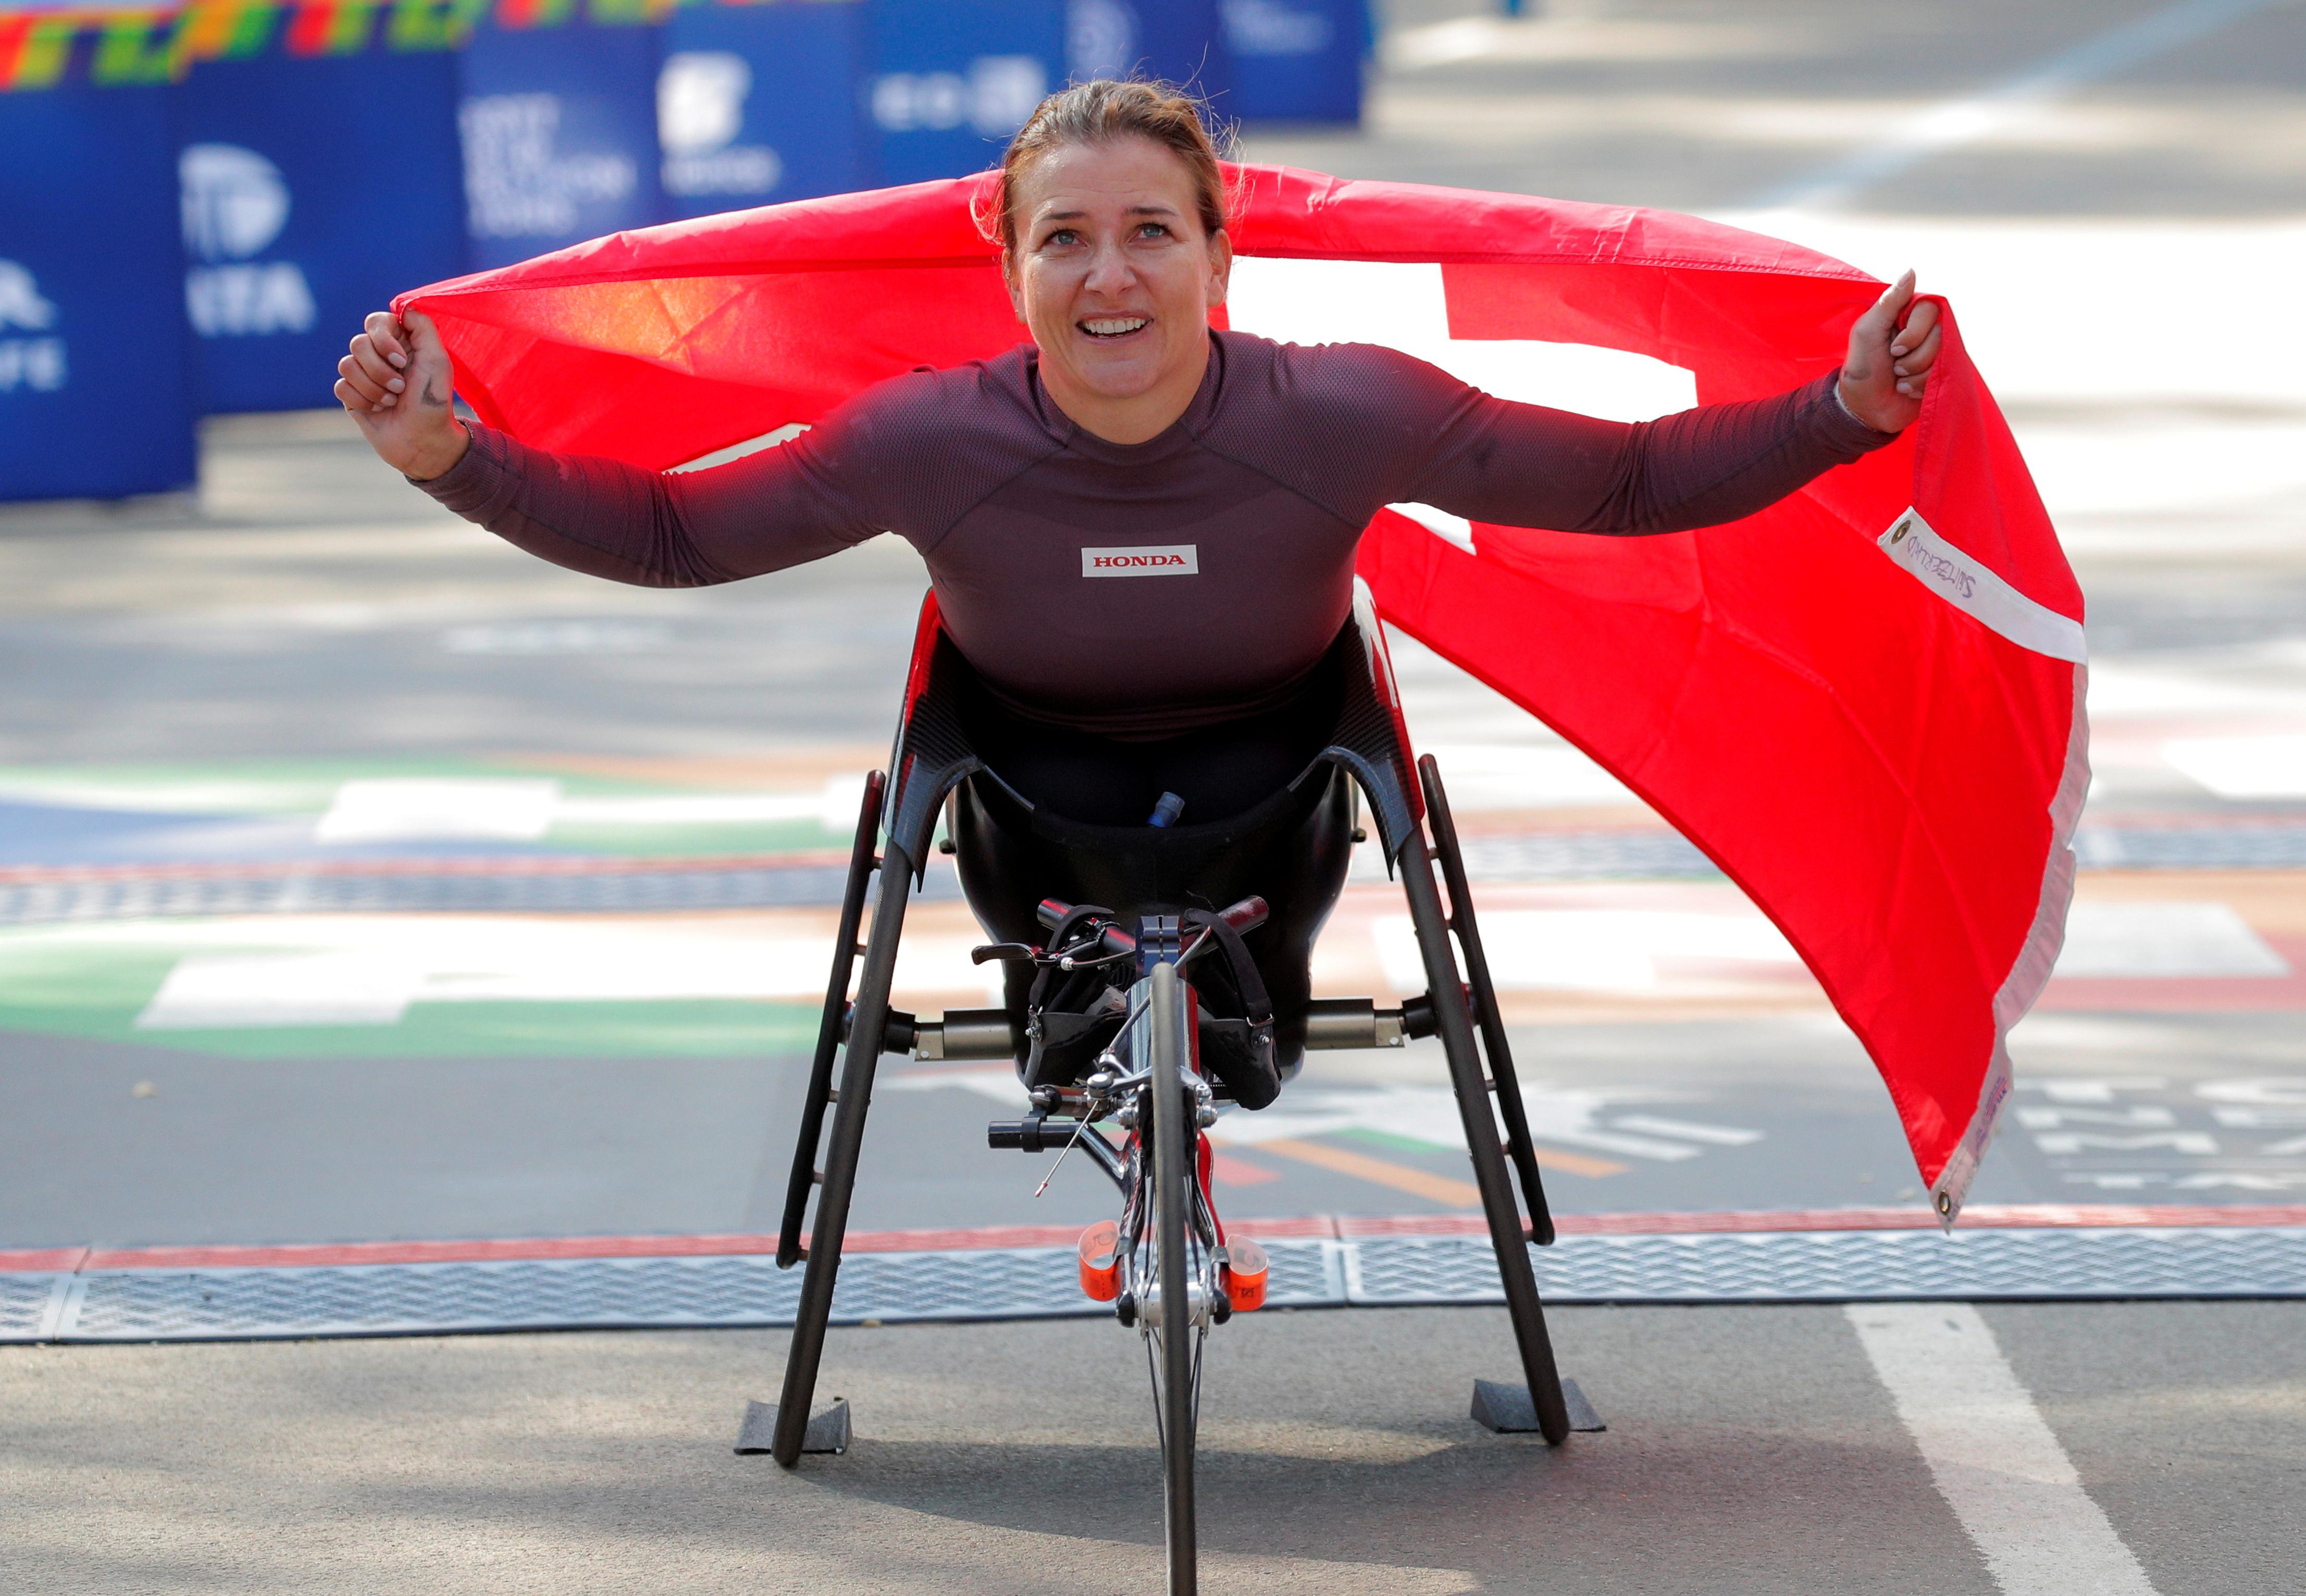 Manuela Schar ganó en su categoría con un tiempo de 1 hora 44 minutos y 20 segundos